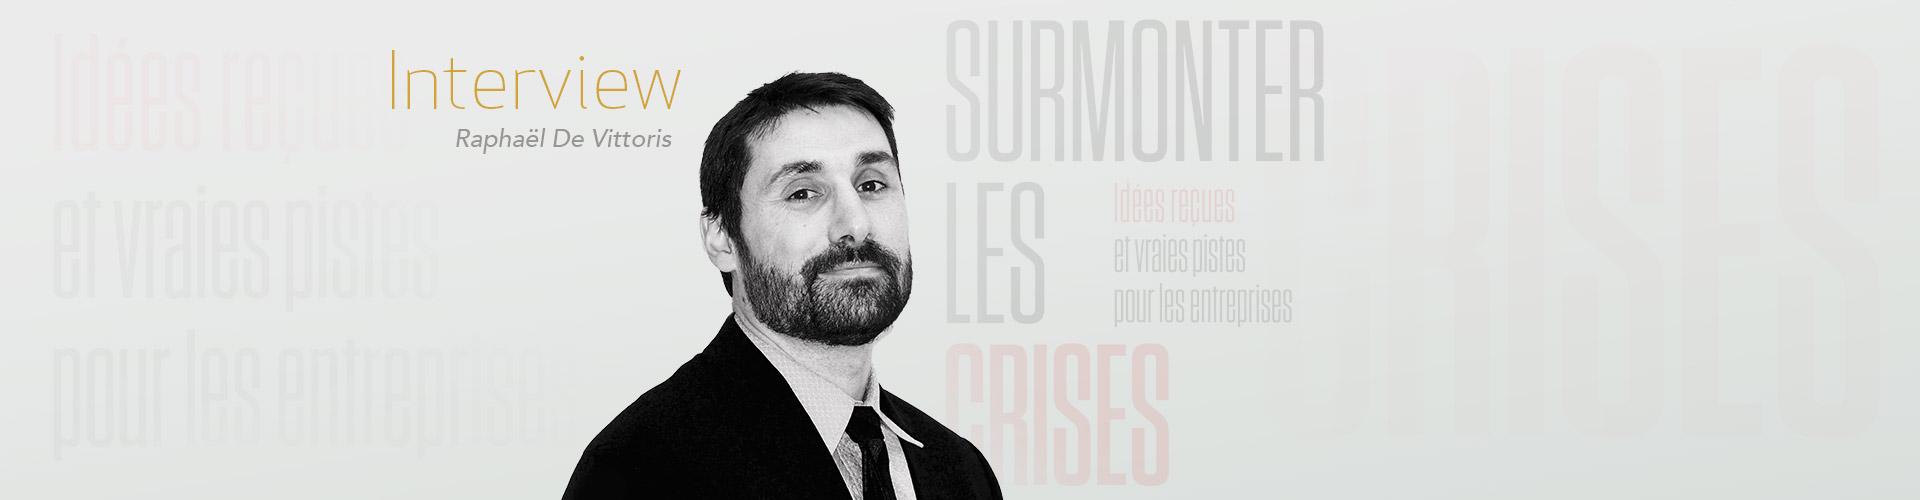 Surmonter les crises -  Interview de Raphaël De Vittoris